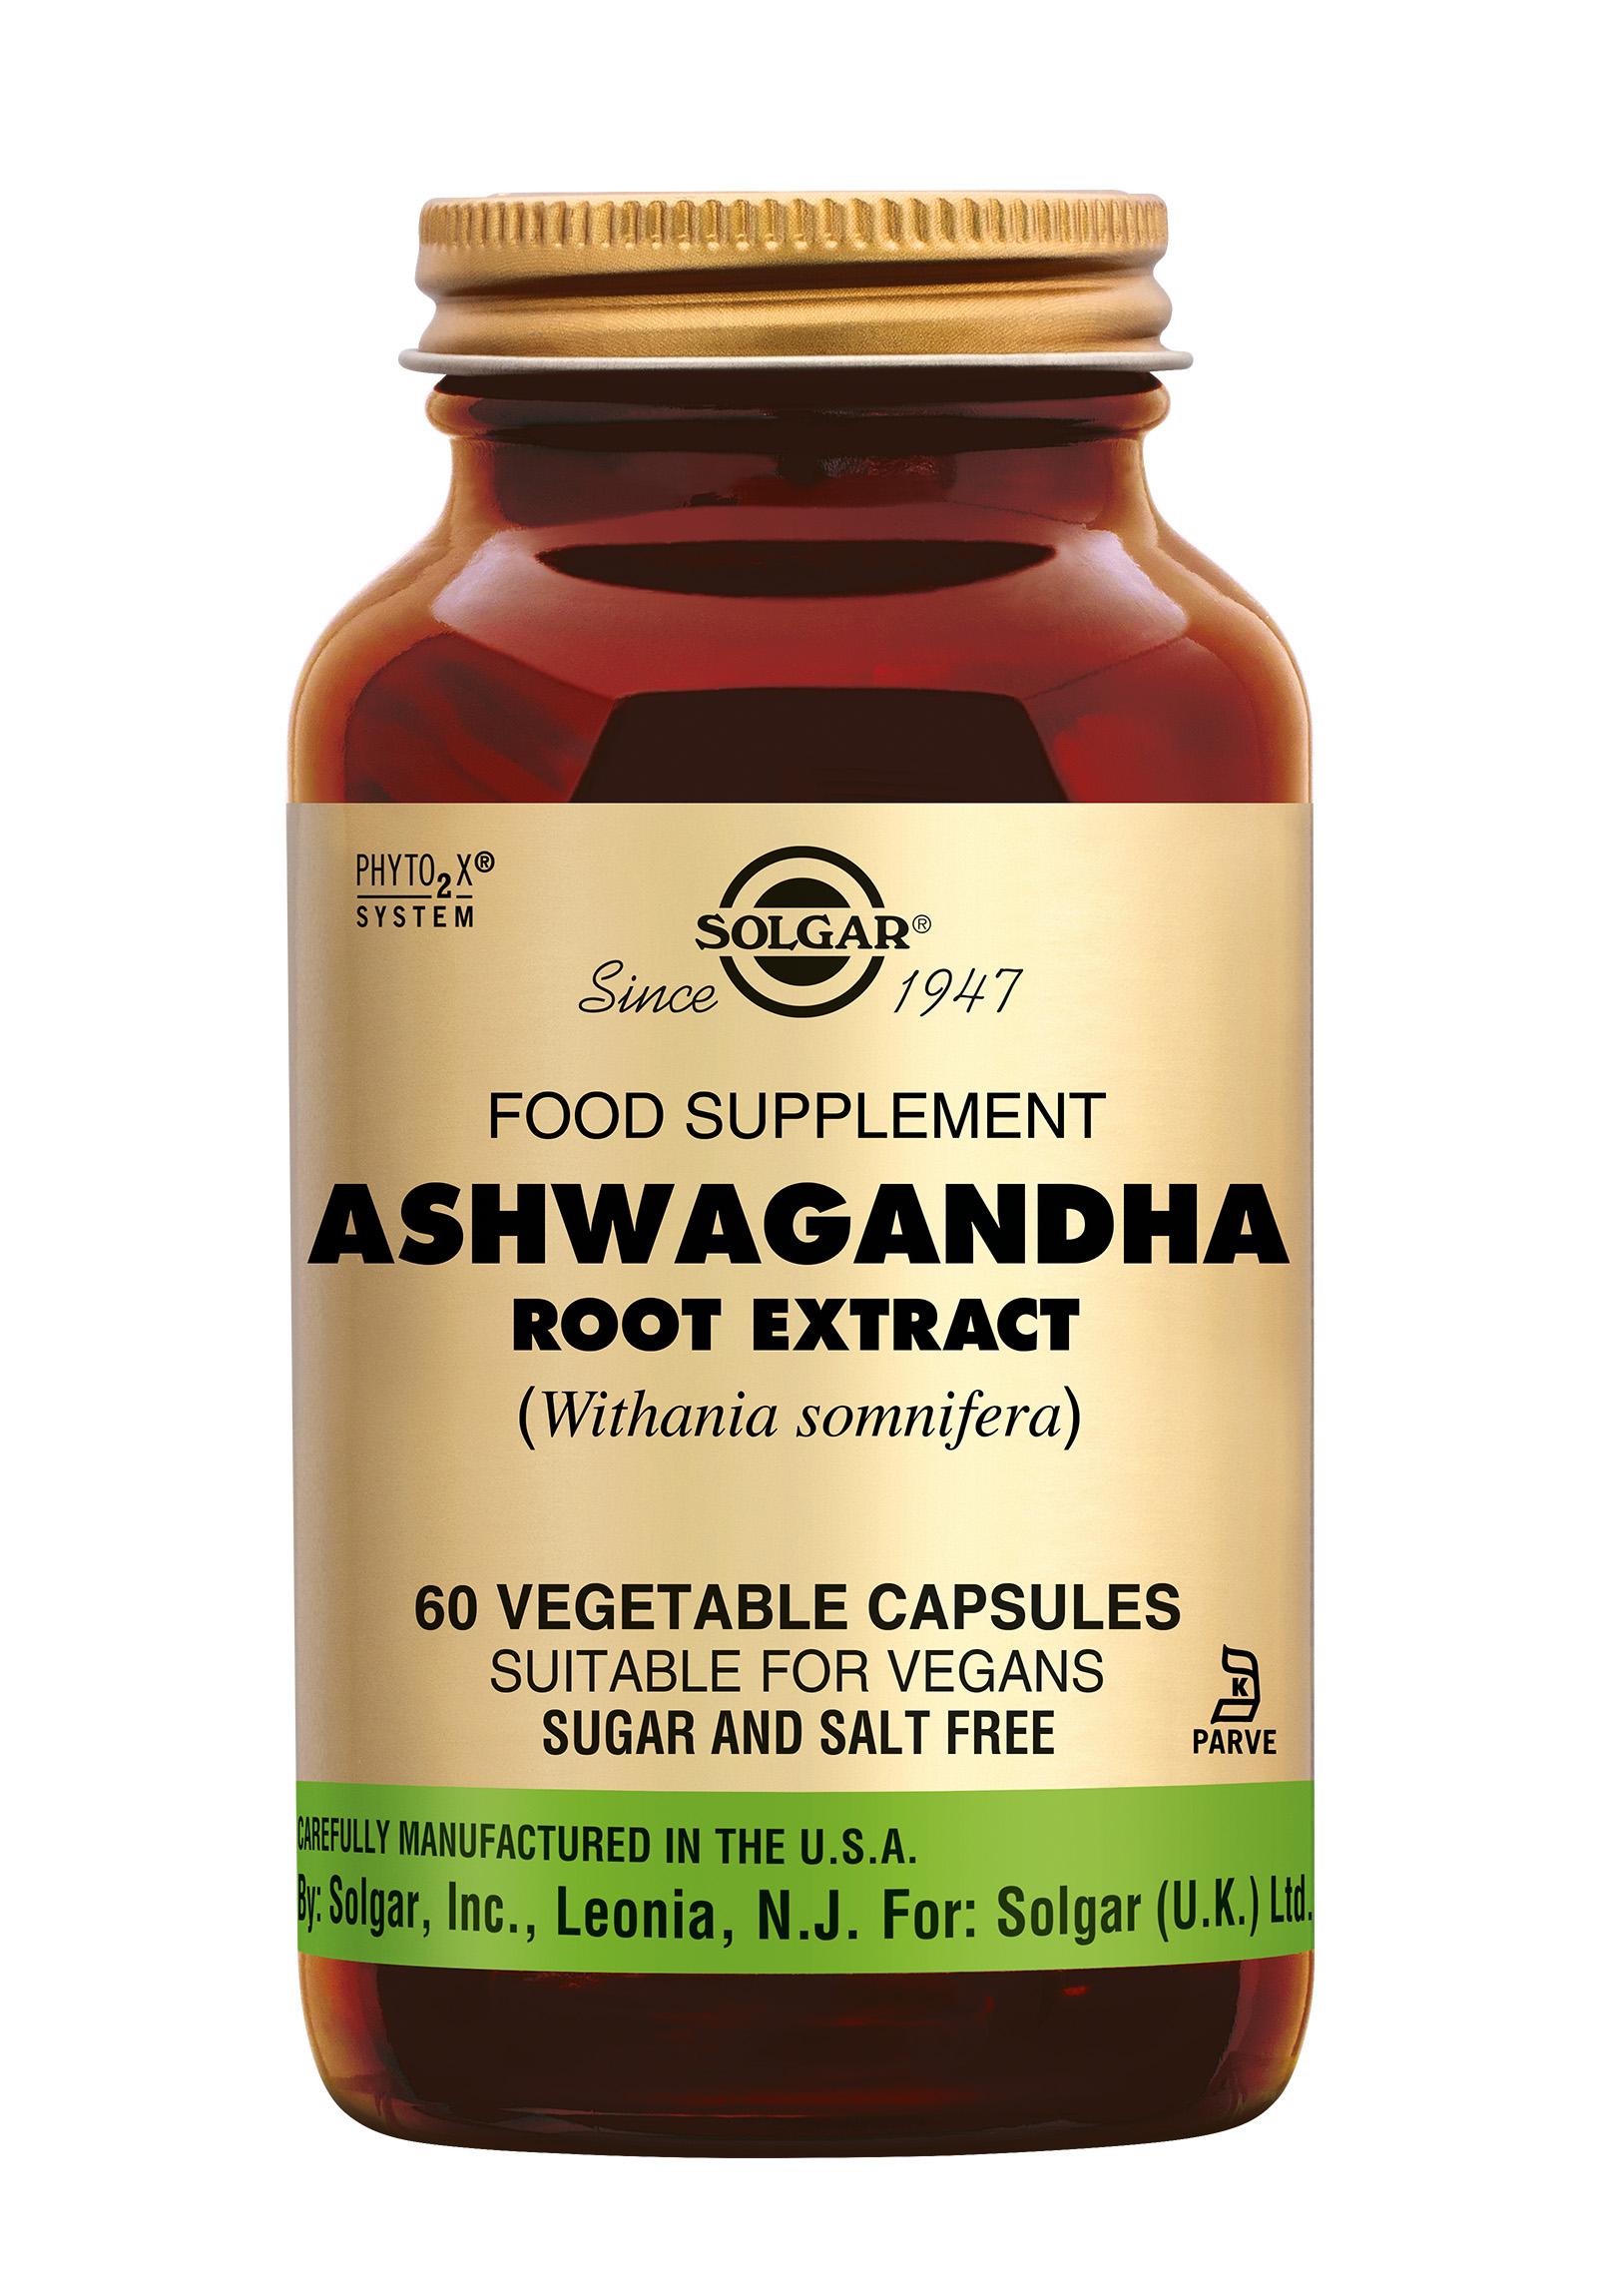 Ashwagandha Root Extract, Solgar, Solgar Ashwagandha Root Extract (Withania somnifera) is een adaptogeen en ondersteunt de geestelijke en lichamelijke energie.